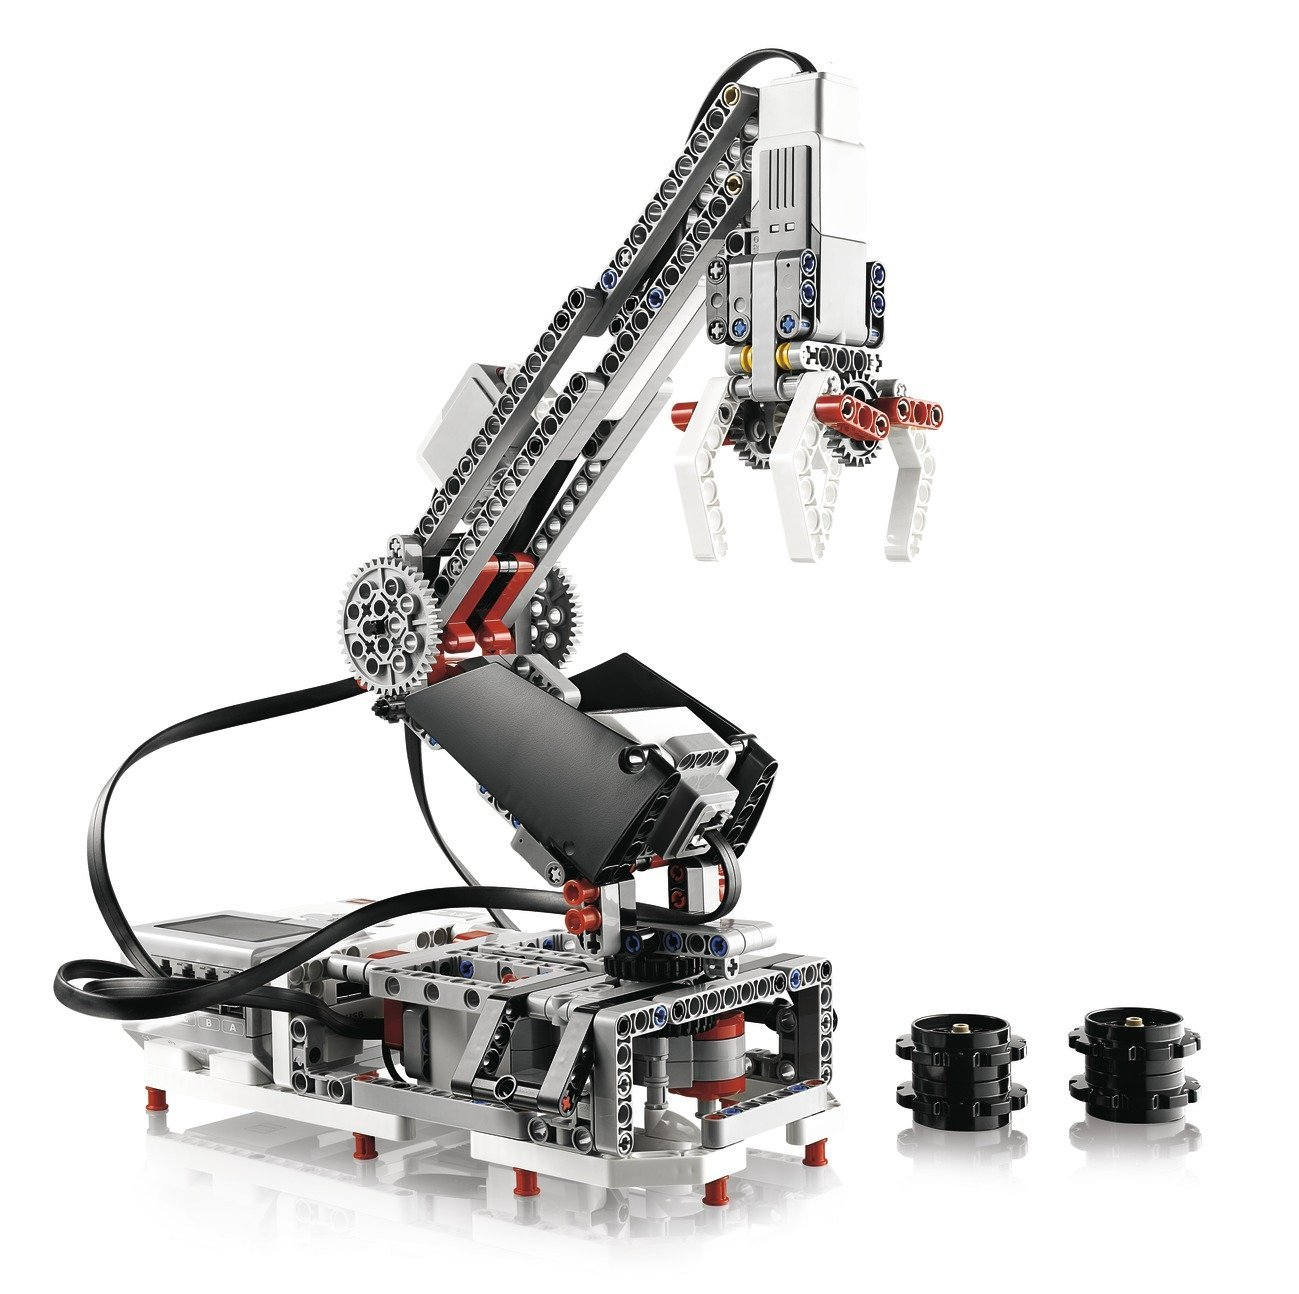 Lego mindstorms инструкция скачать